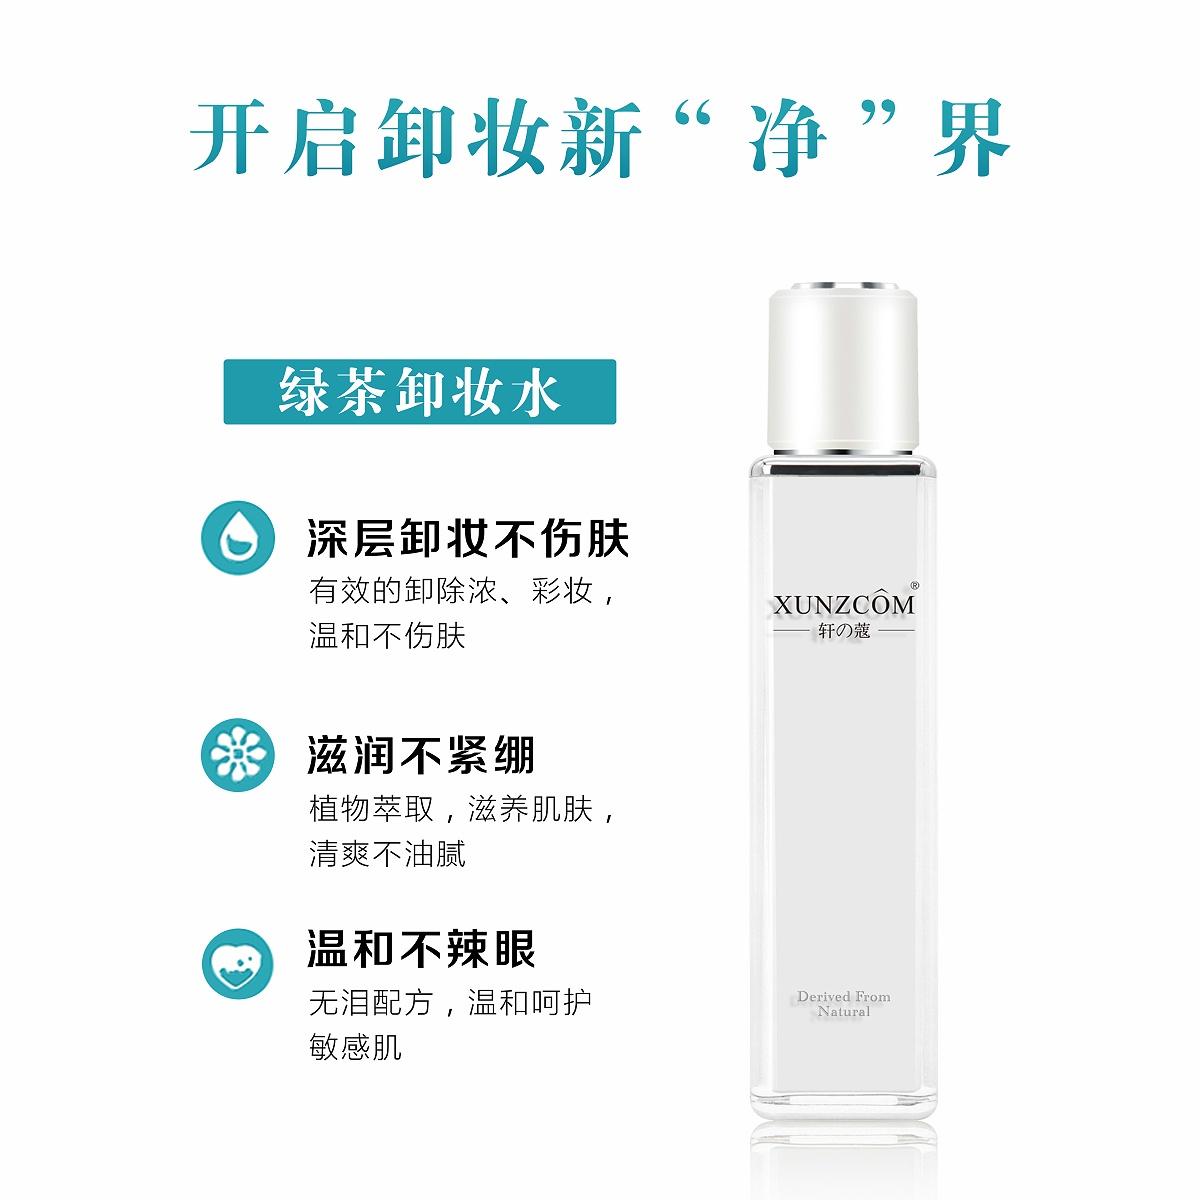 绿茶卸妆水-欧泉生化